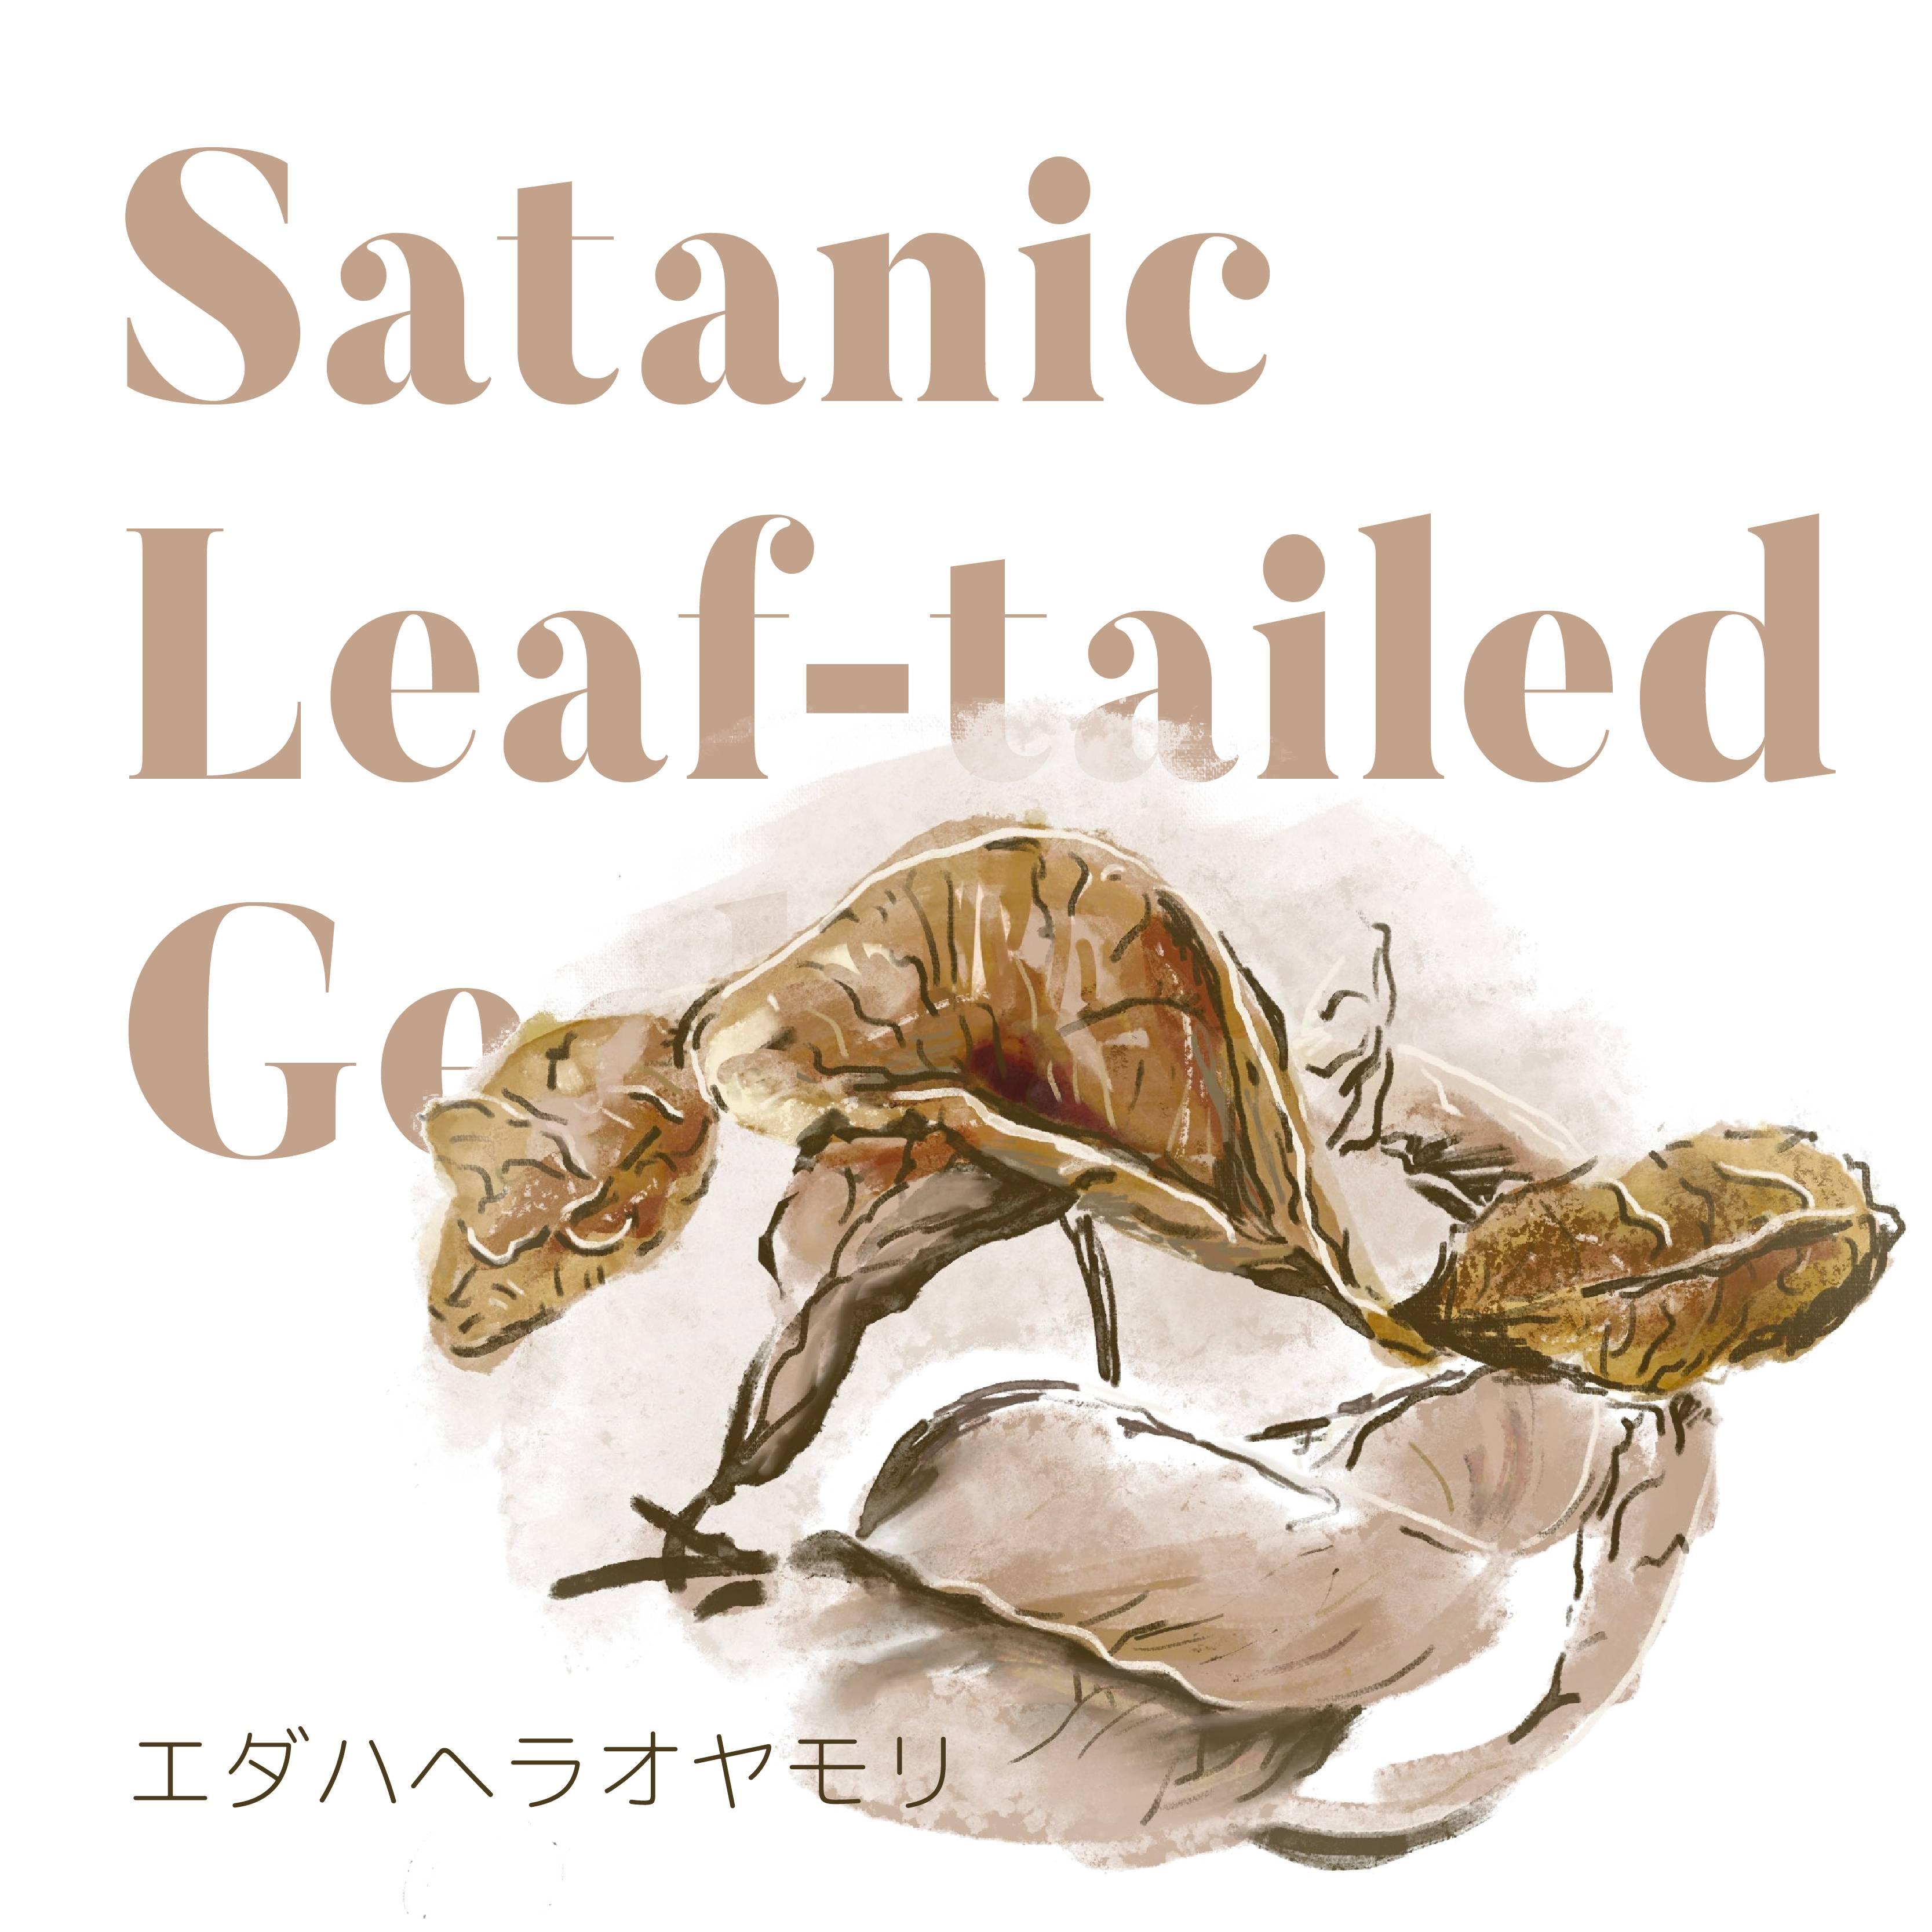 https://image.gamemarket.jp/20210309_202741_gecko-01-01.jpg